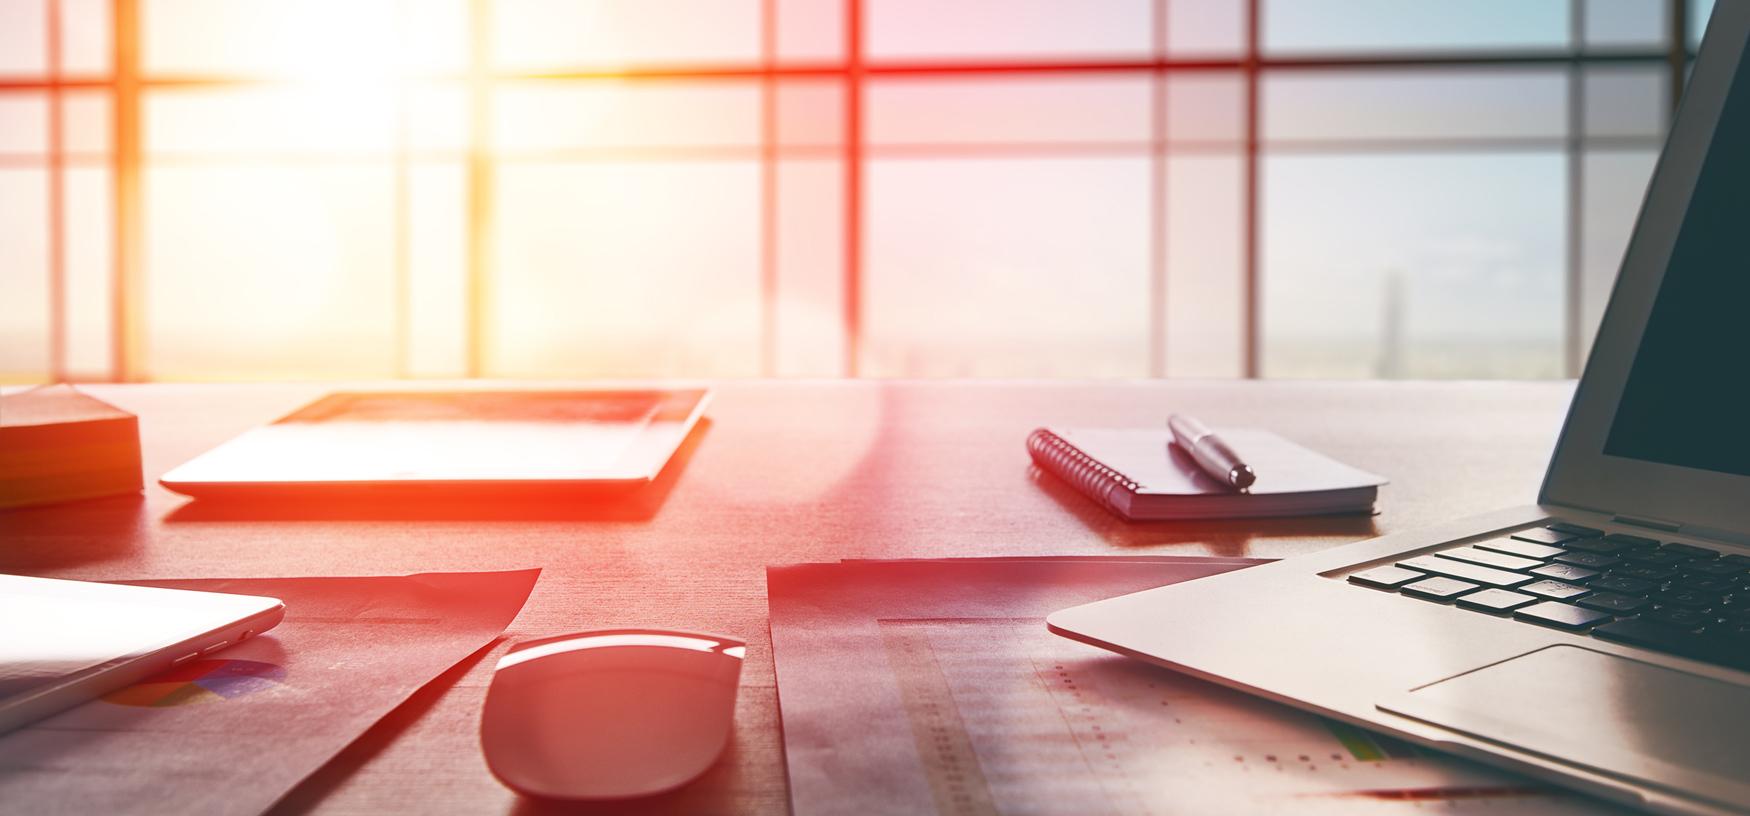 Büroarbeitsplatz mit Notebook auf Holztisch im Gegenlicht vor Fenster